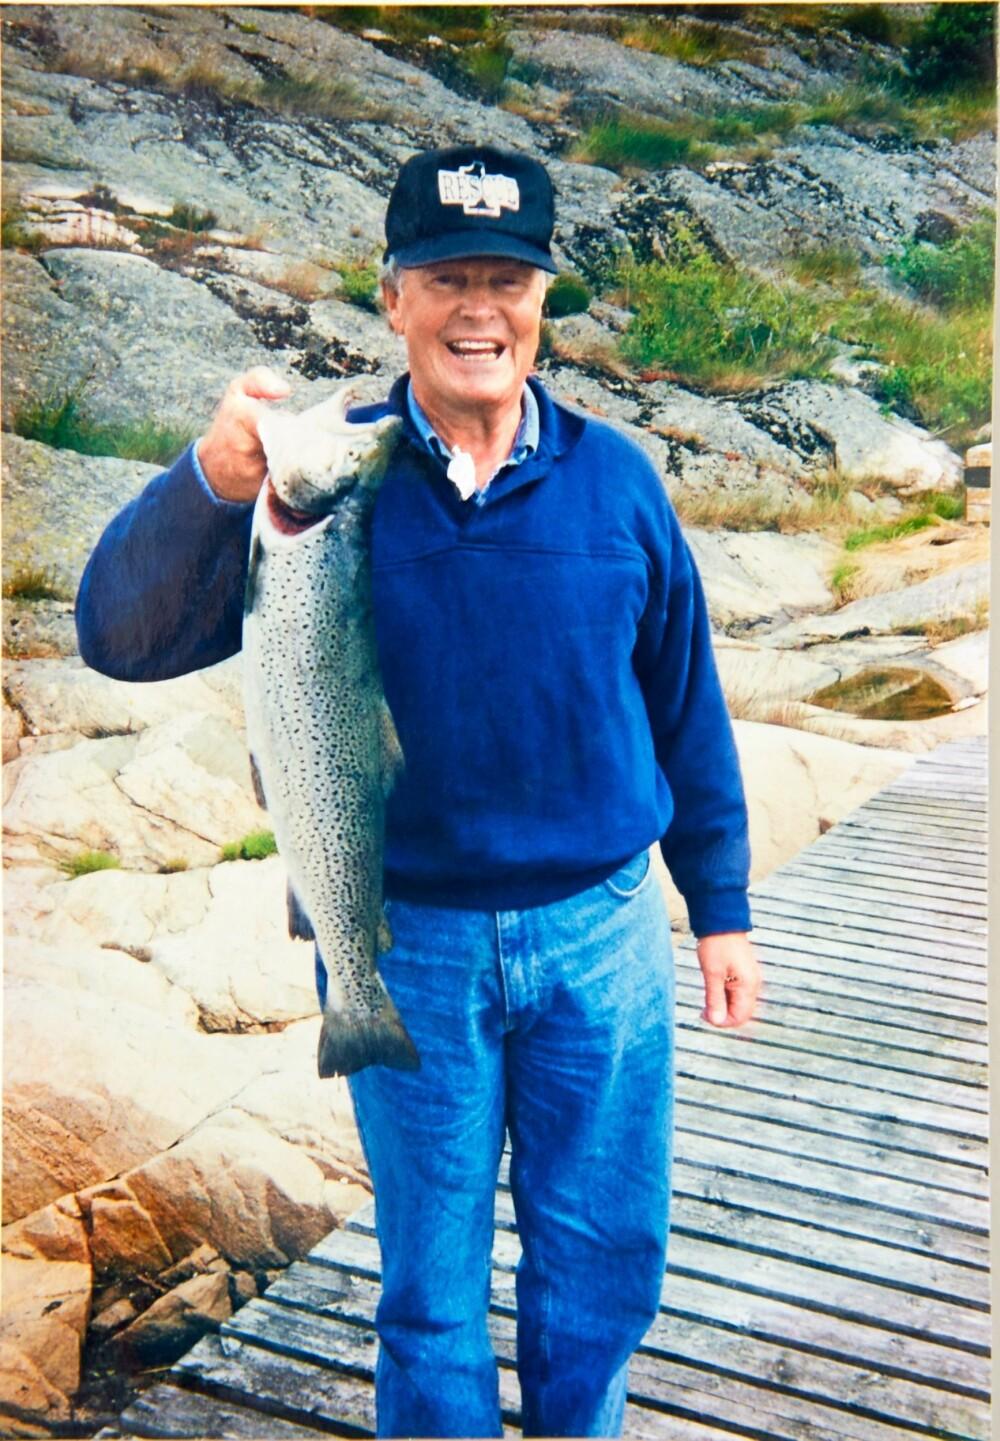 HYTTEEIER: Per Jahn Jørgensen er glad i å fiske som bildet viser. Det har gått i arv for det samme var faren Arne Olav Jørgensen. På hytta i Søgne har de tatt mange godbiter.